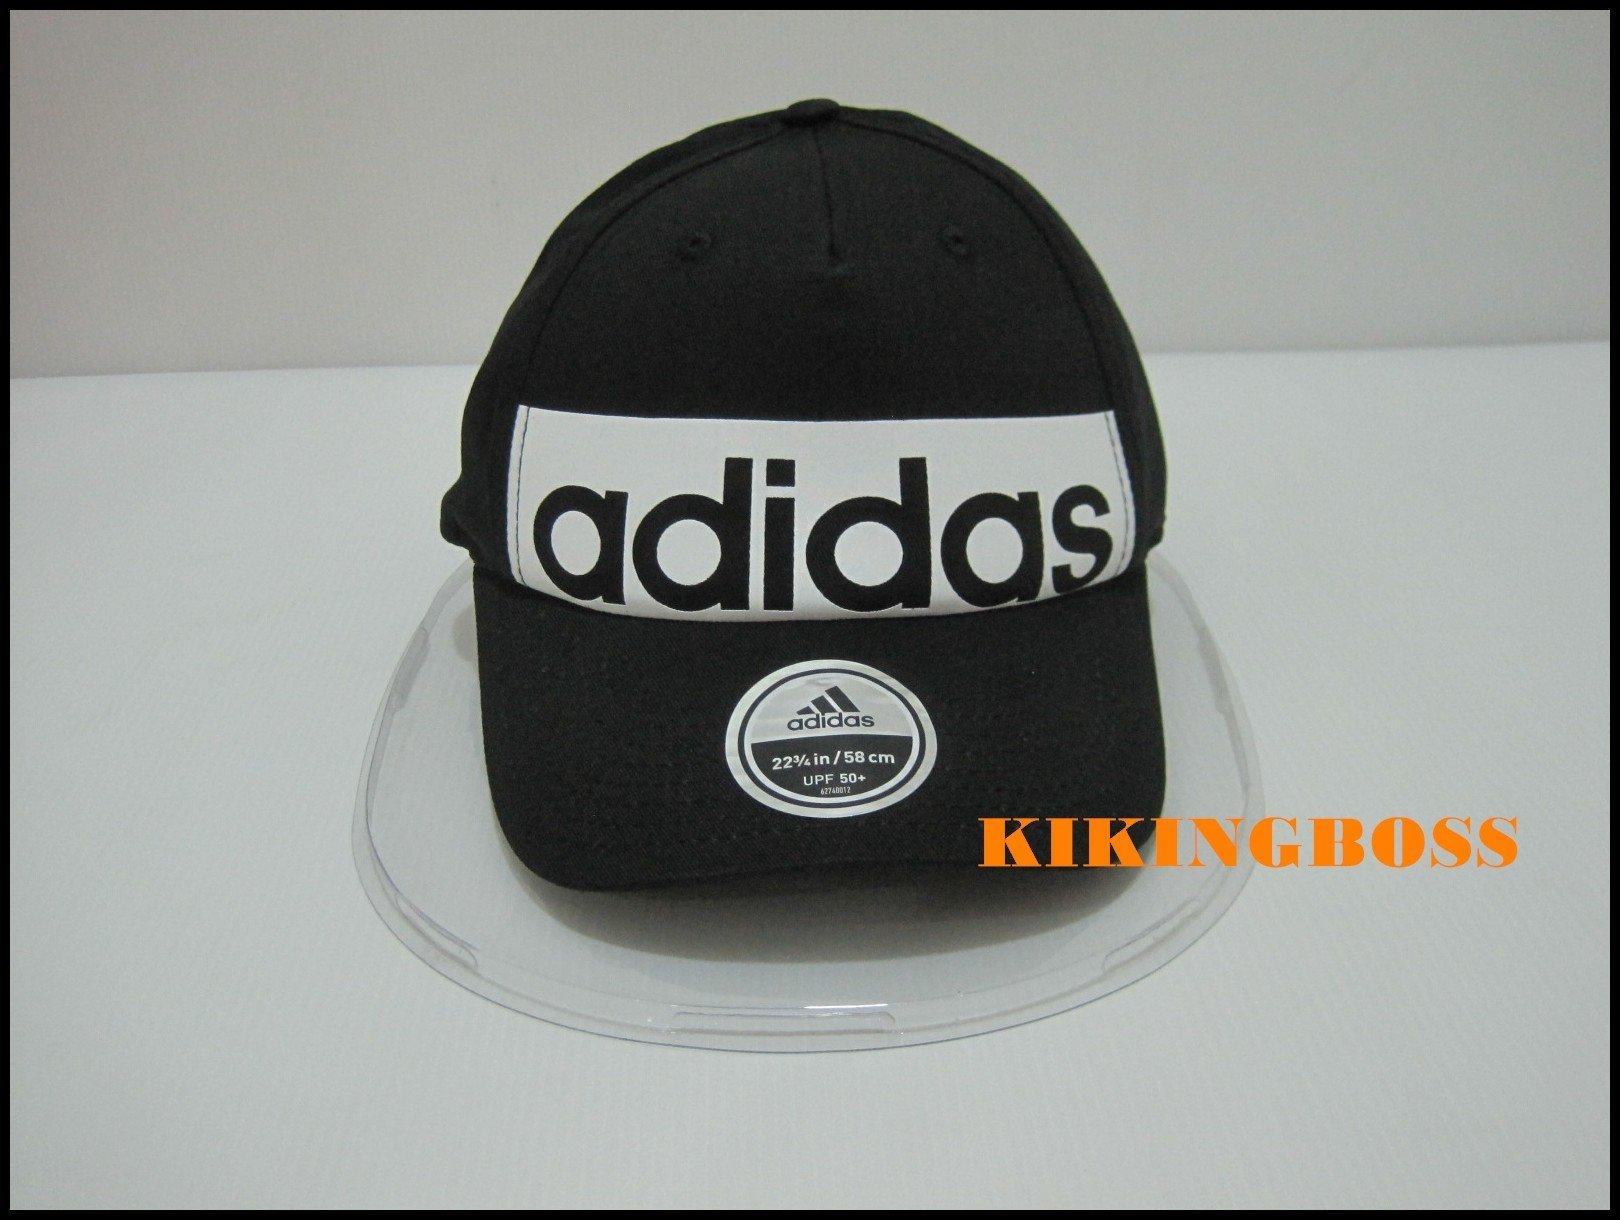 【喬治城】ADIDAS 5PCL CAP LINEAR 老帽 棒球帽 網球帽 男 女 黑色 S98157